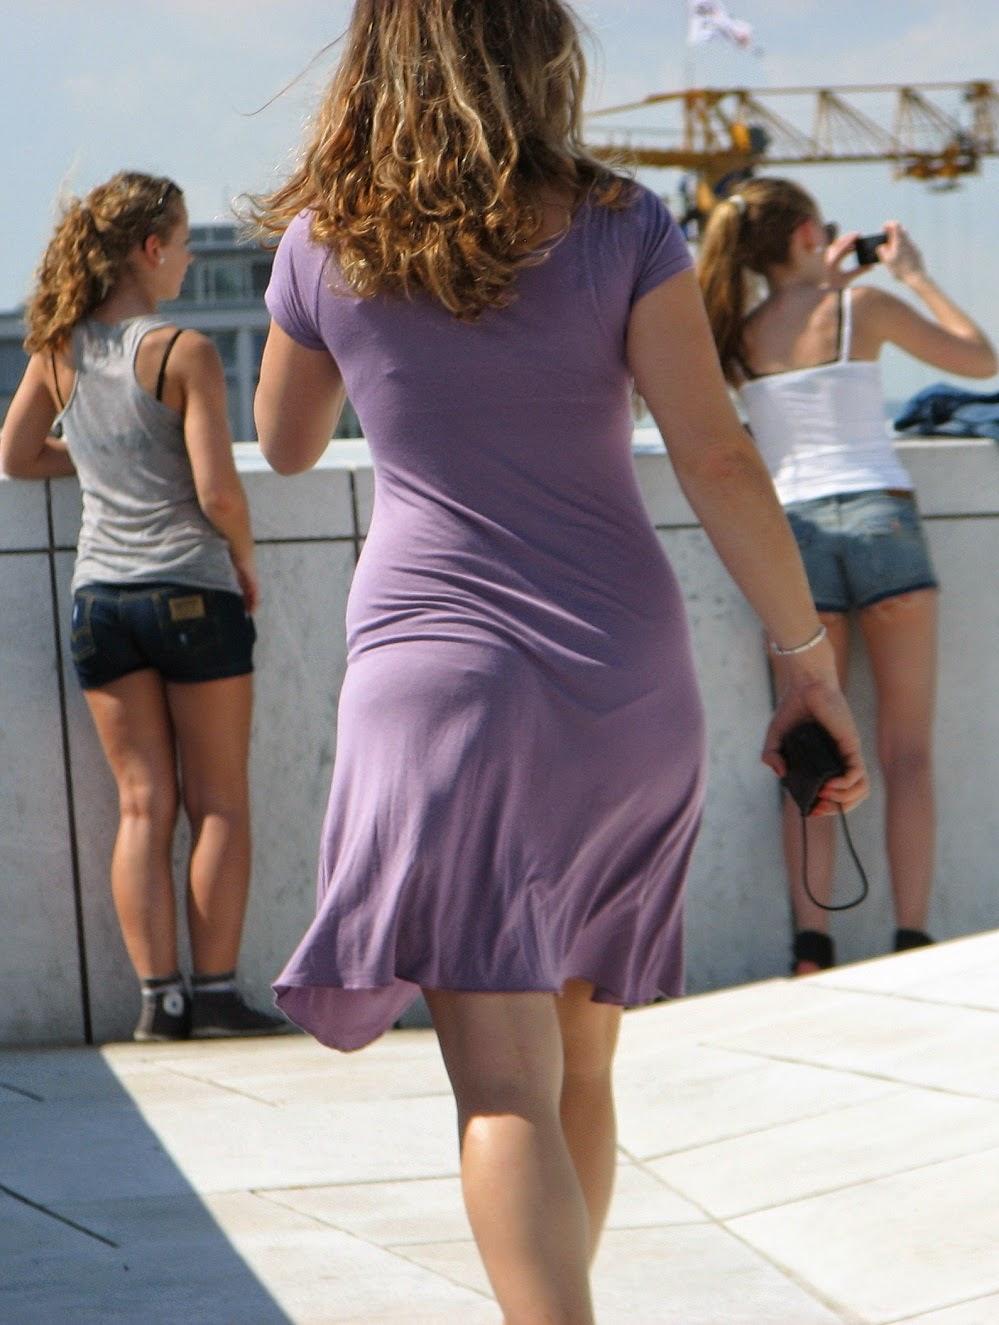 Otra Culona Caminando Por La Calle Voyeur Sabrosa: